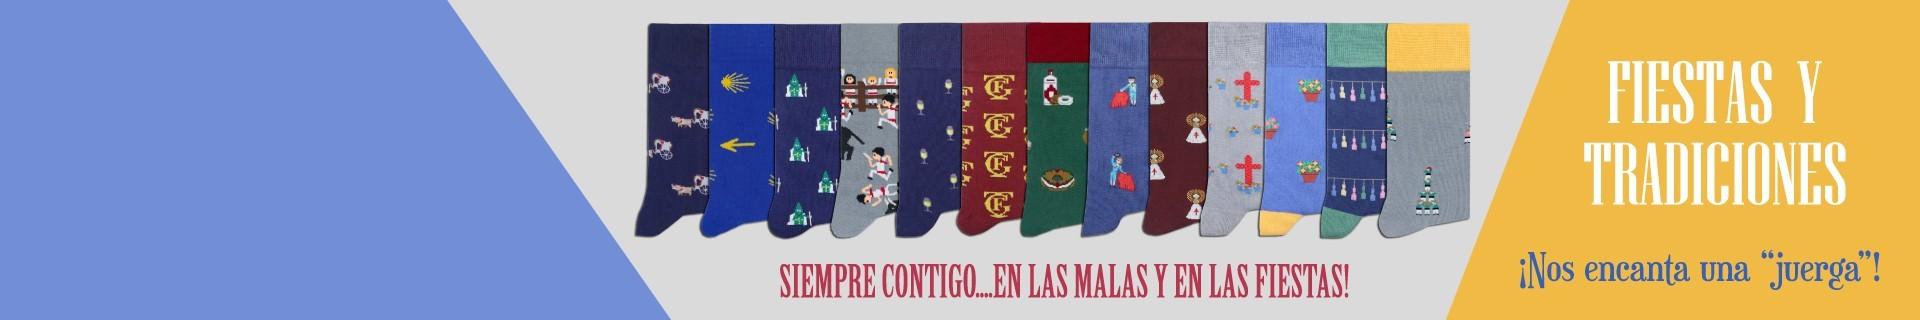 Calcetines de fiestas y tradiciones